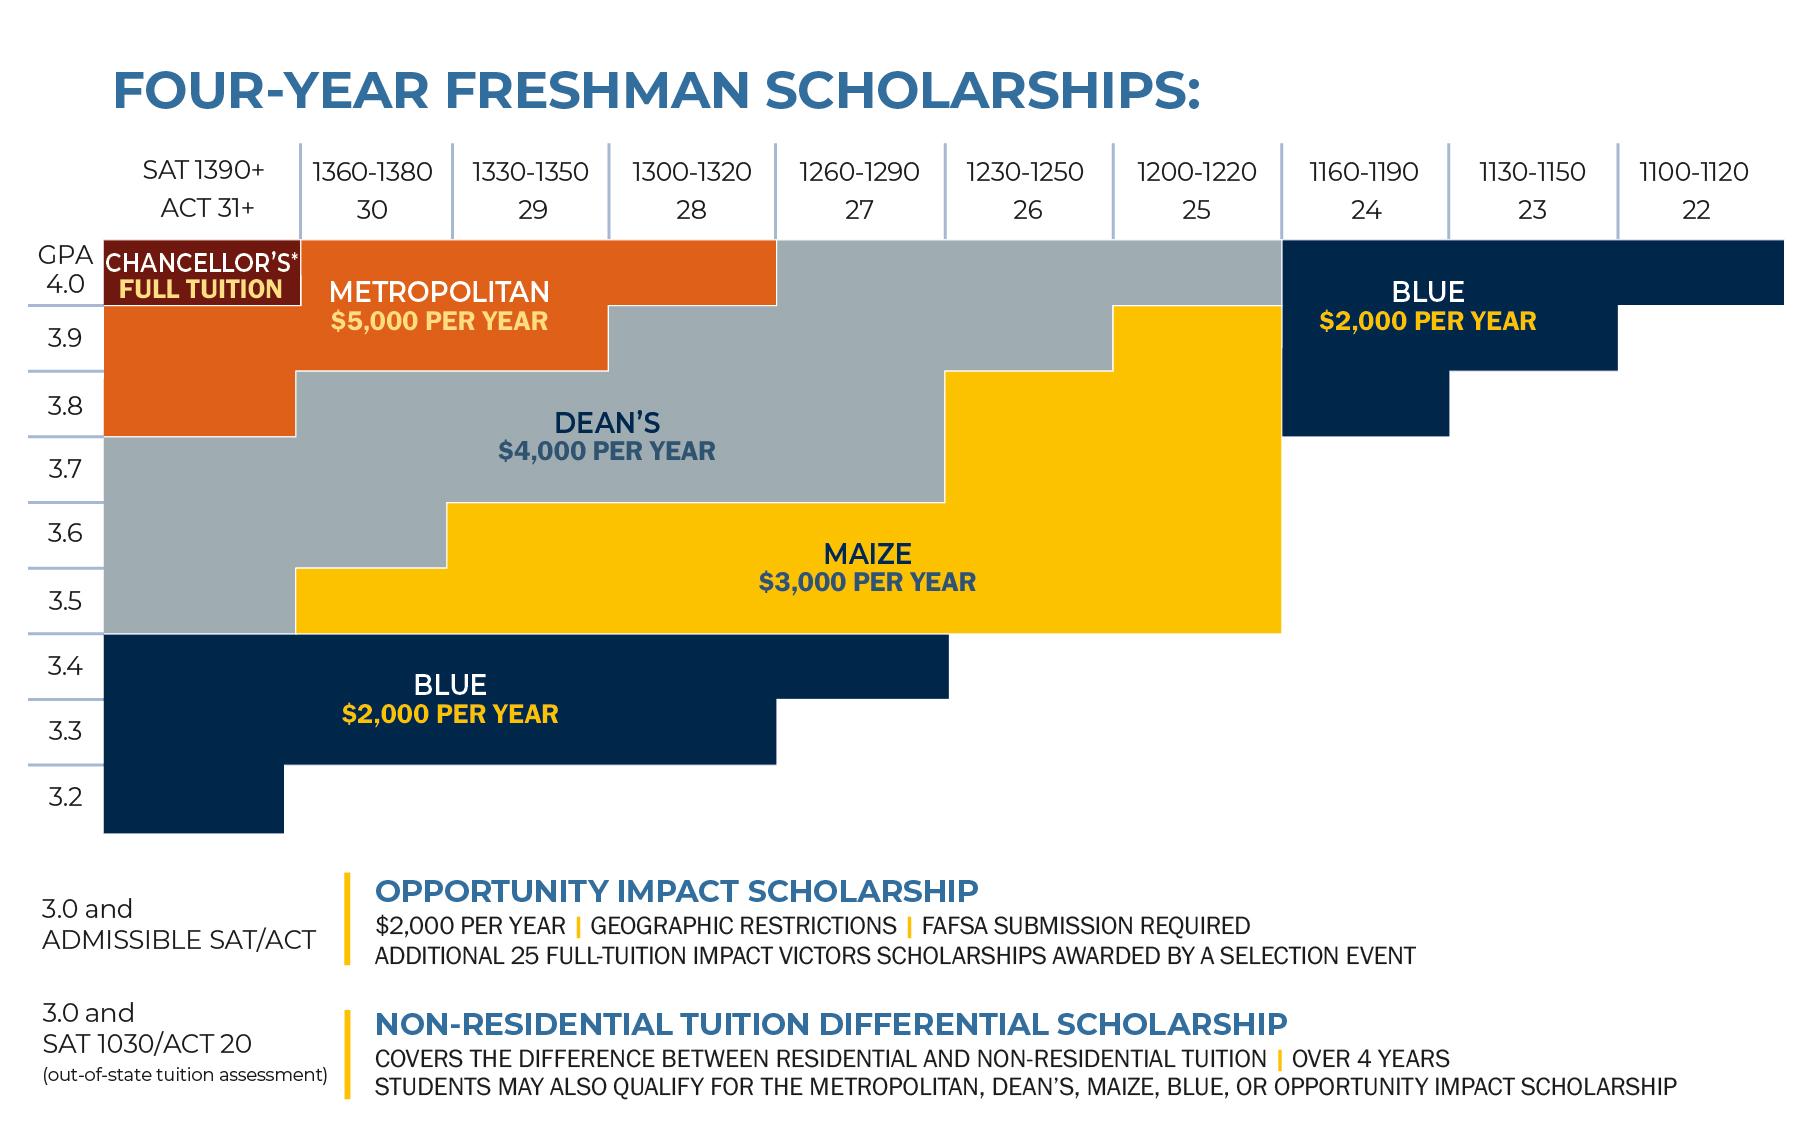 Freshman Scholarships 20